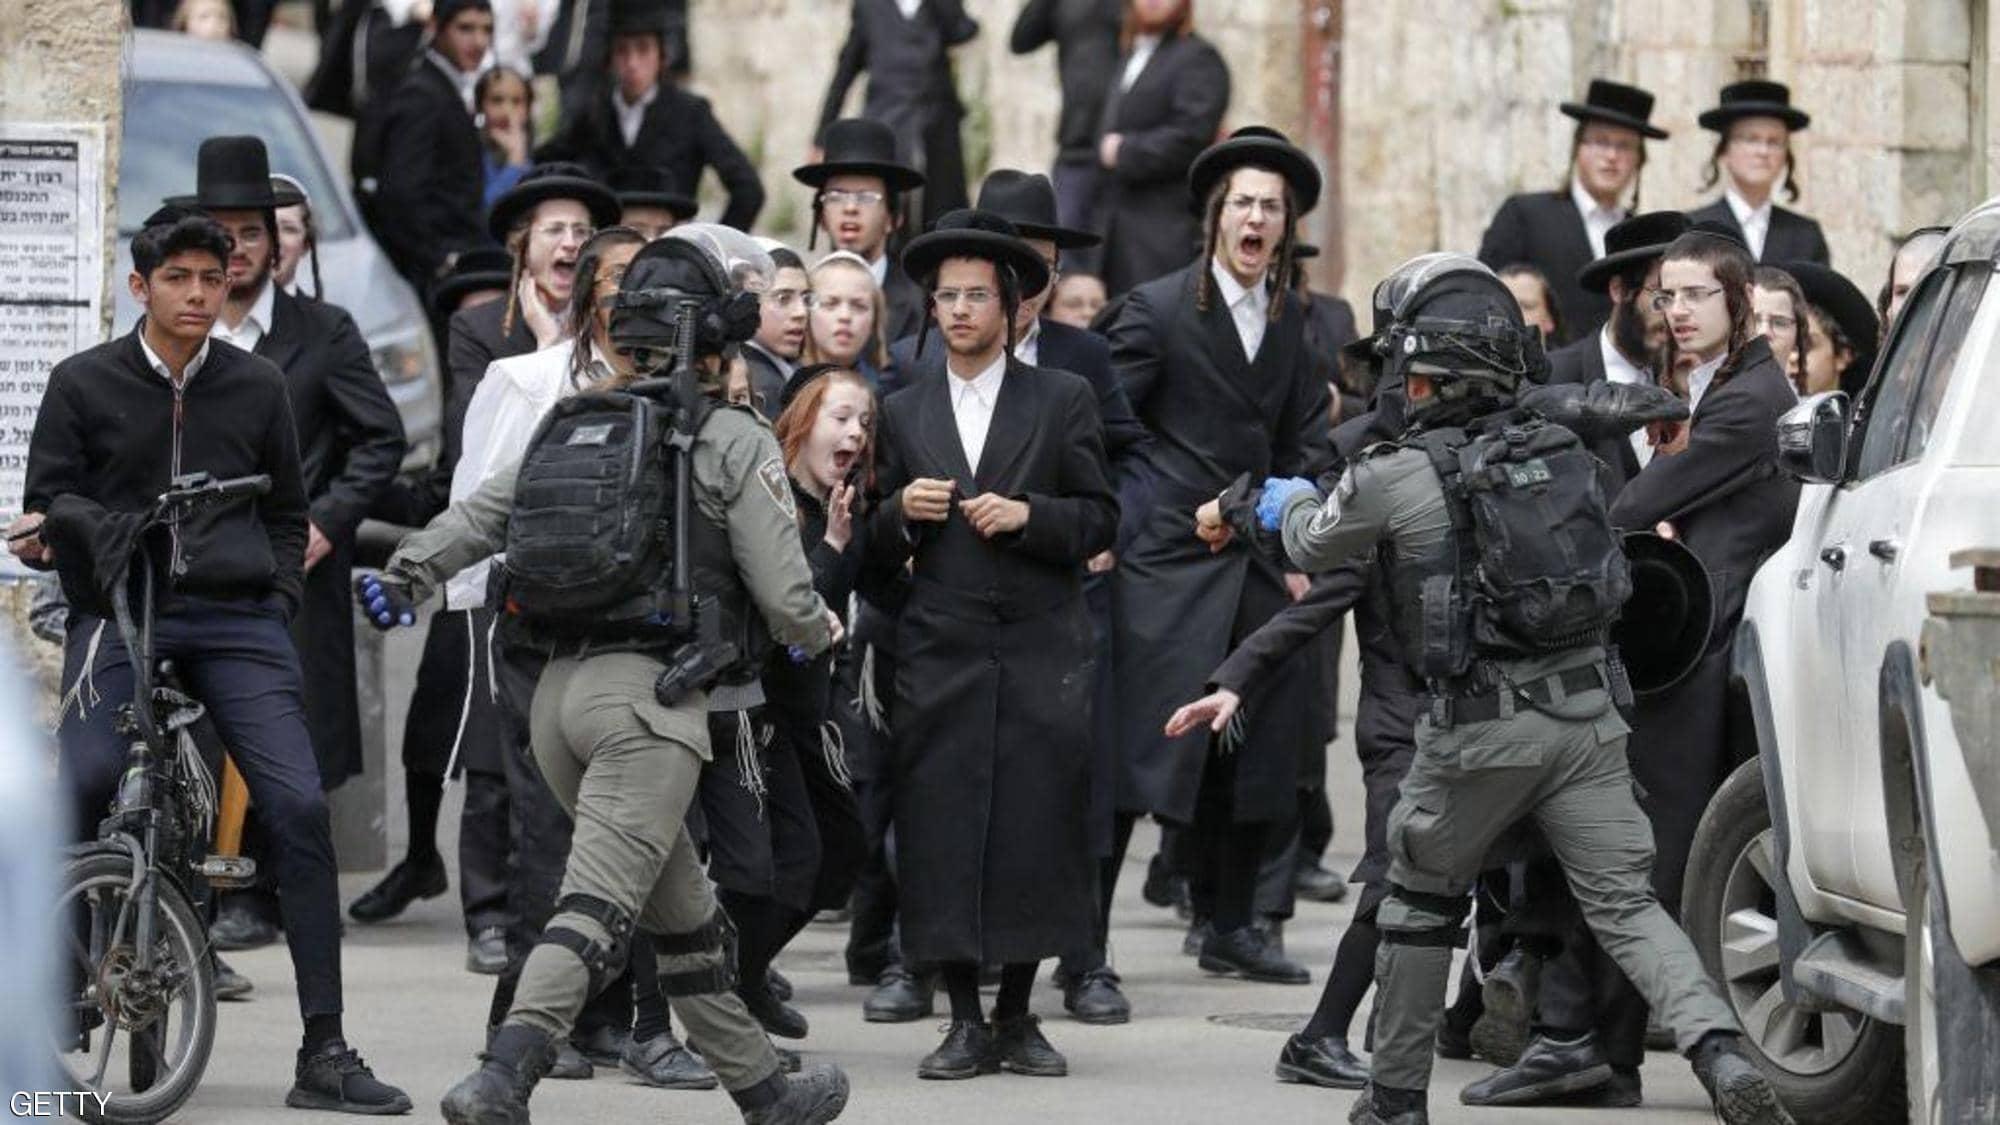 حاخامات وأزمات الوباء في إسرائيل